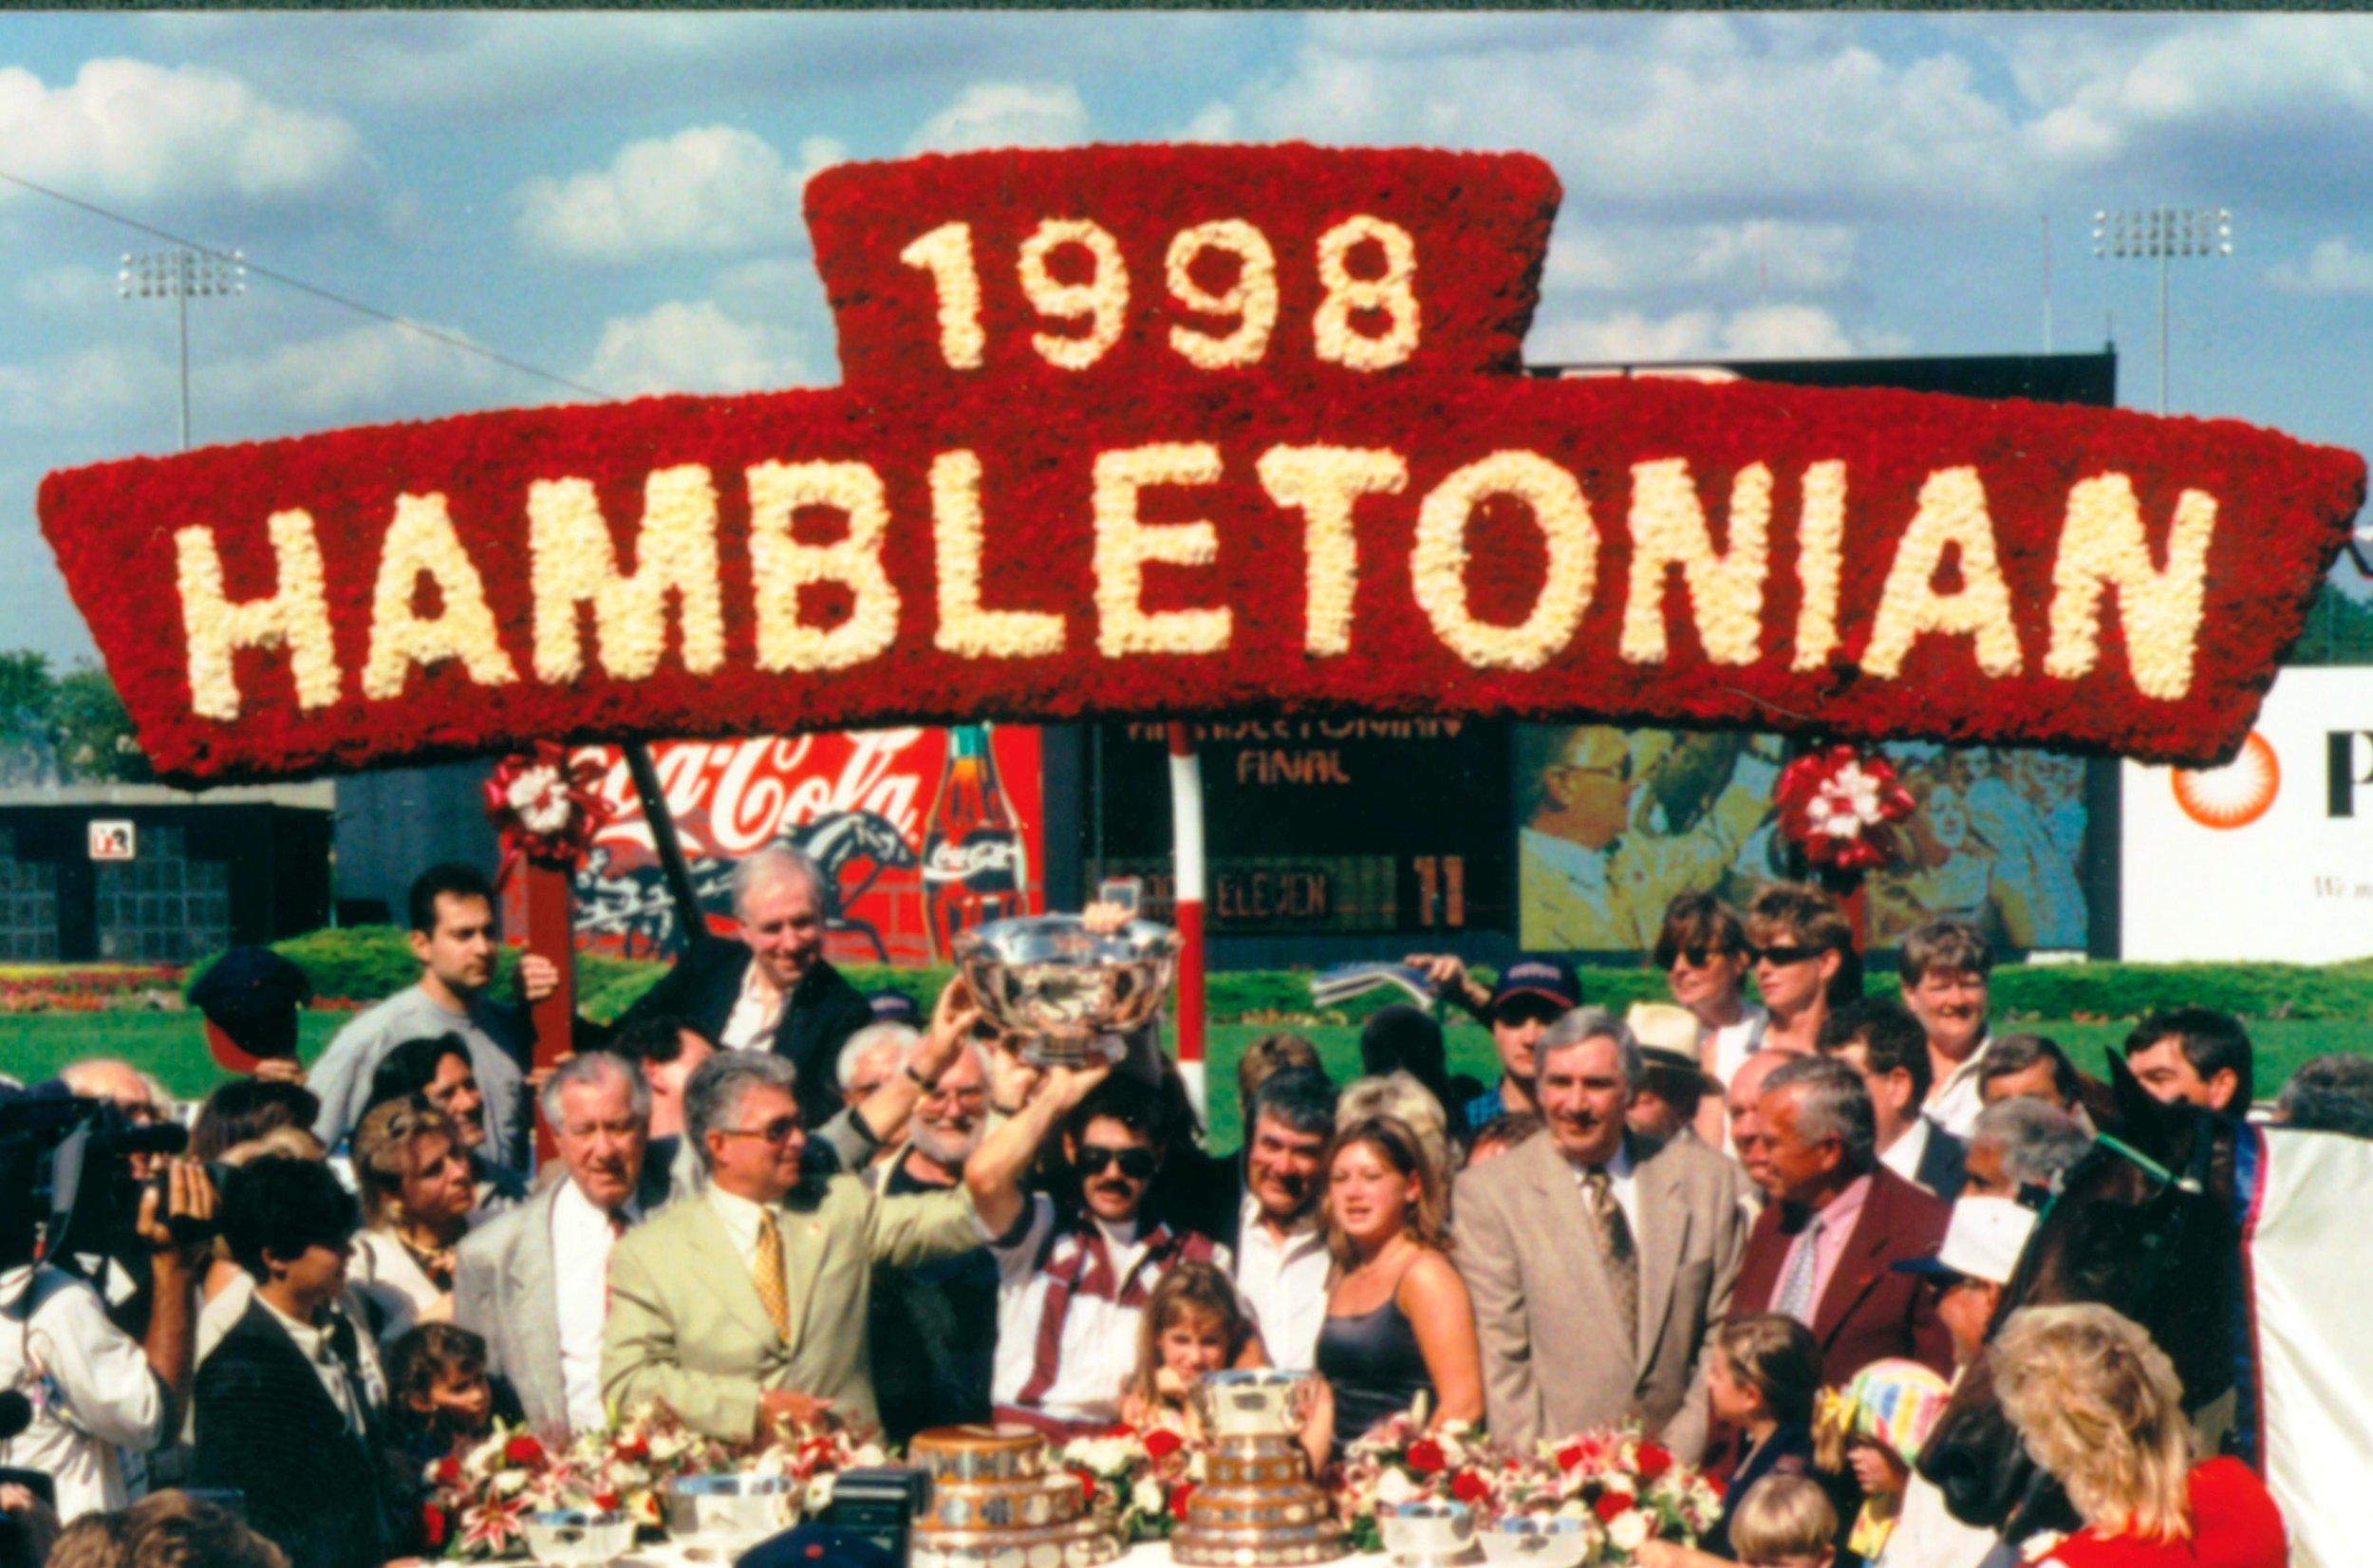 1998 winners circle-1.jpg